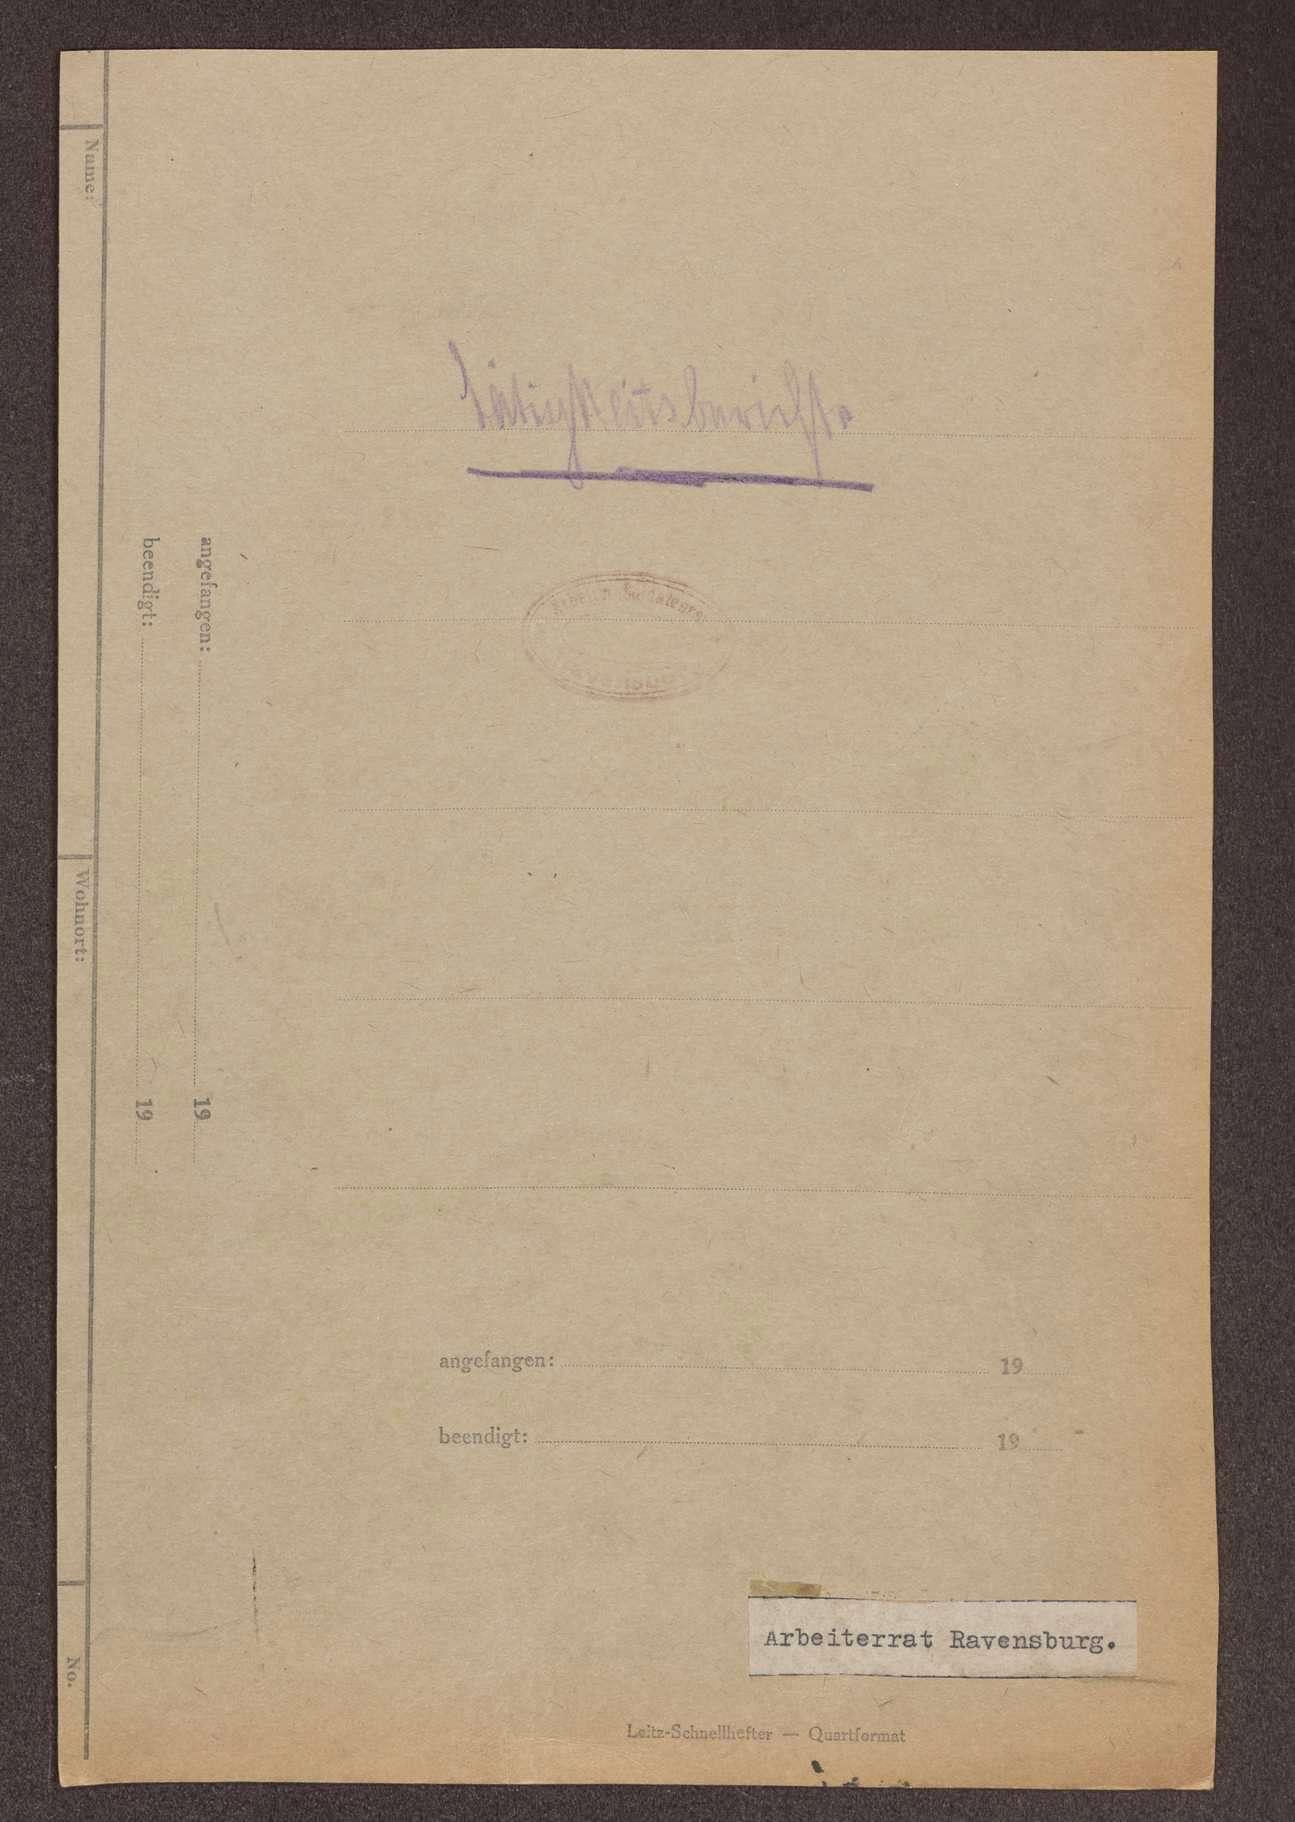 Tätigkeitsberichte des Arbeiterrats Ravensburg und der Arbeiterräte in der Umgebung von Ravensburg, Bild 2